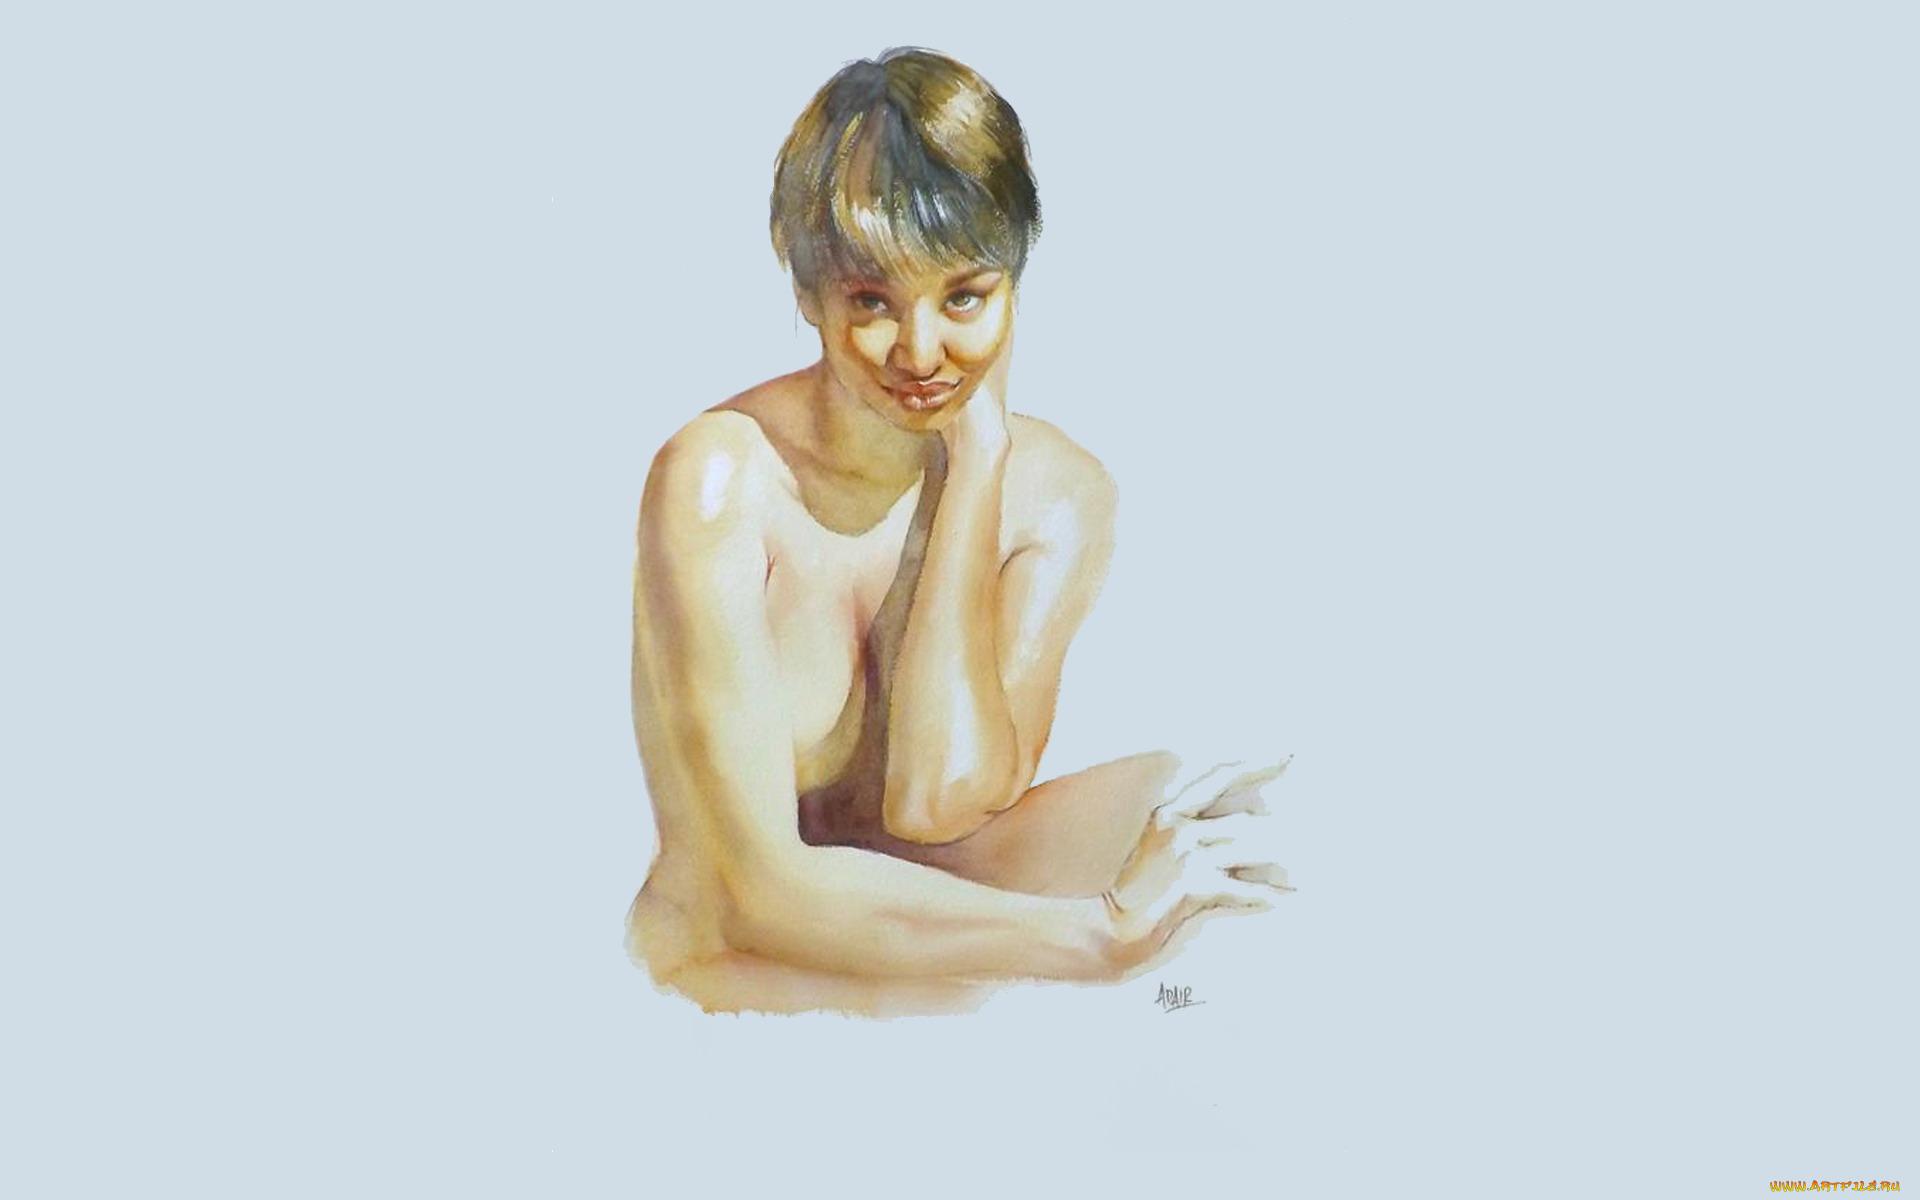 рисованное, люди, девушка, грудь, pauline, adair